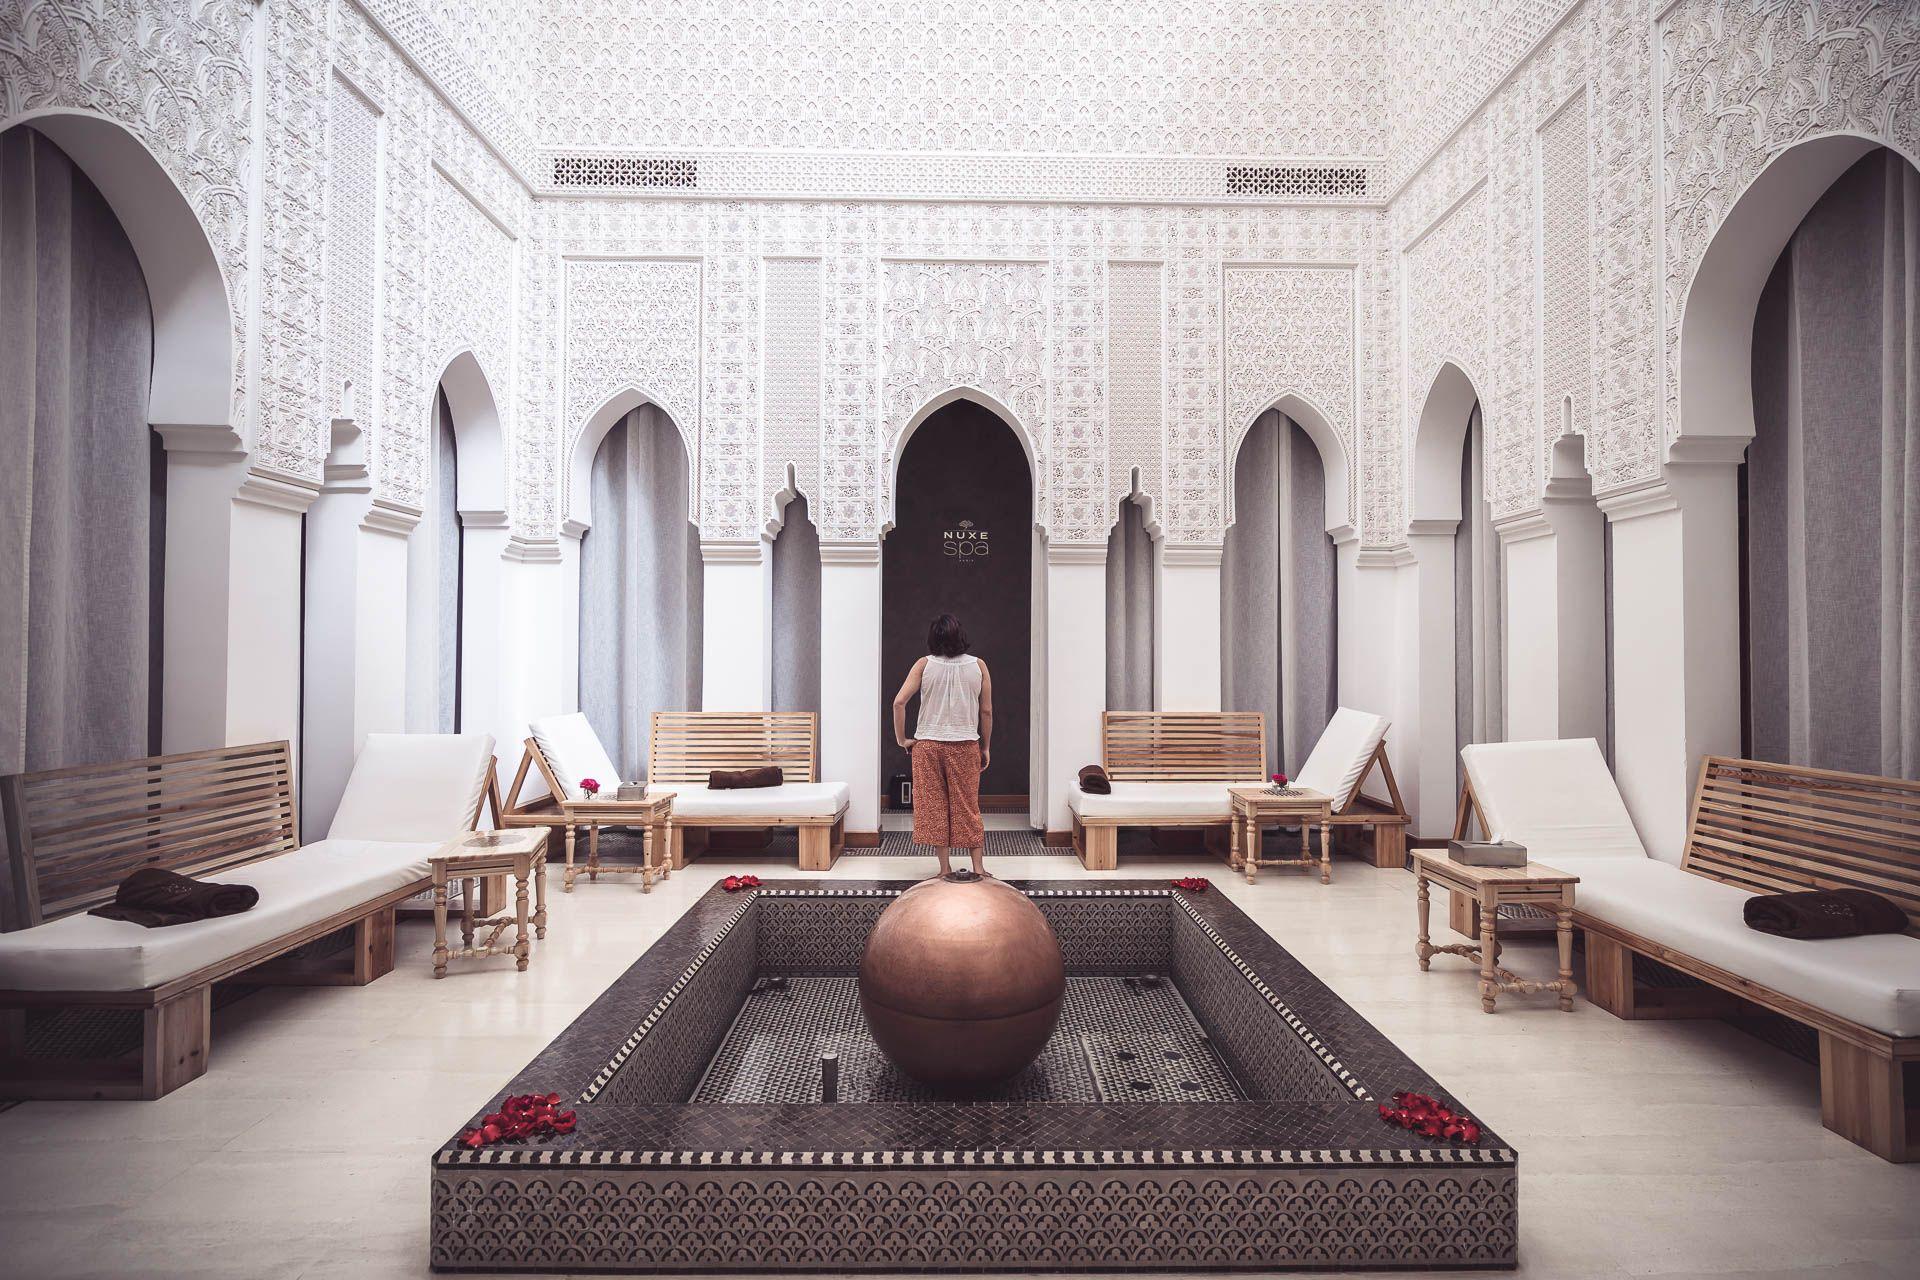 les-voyageuses-test-pullman-marrakech-palmeraie-spa-00602